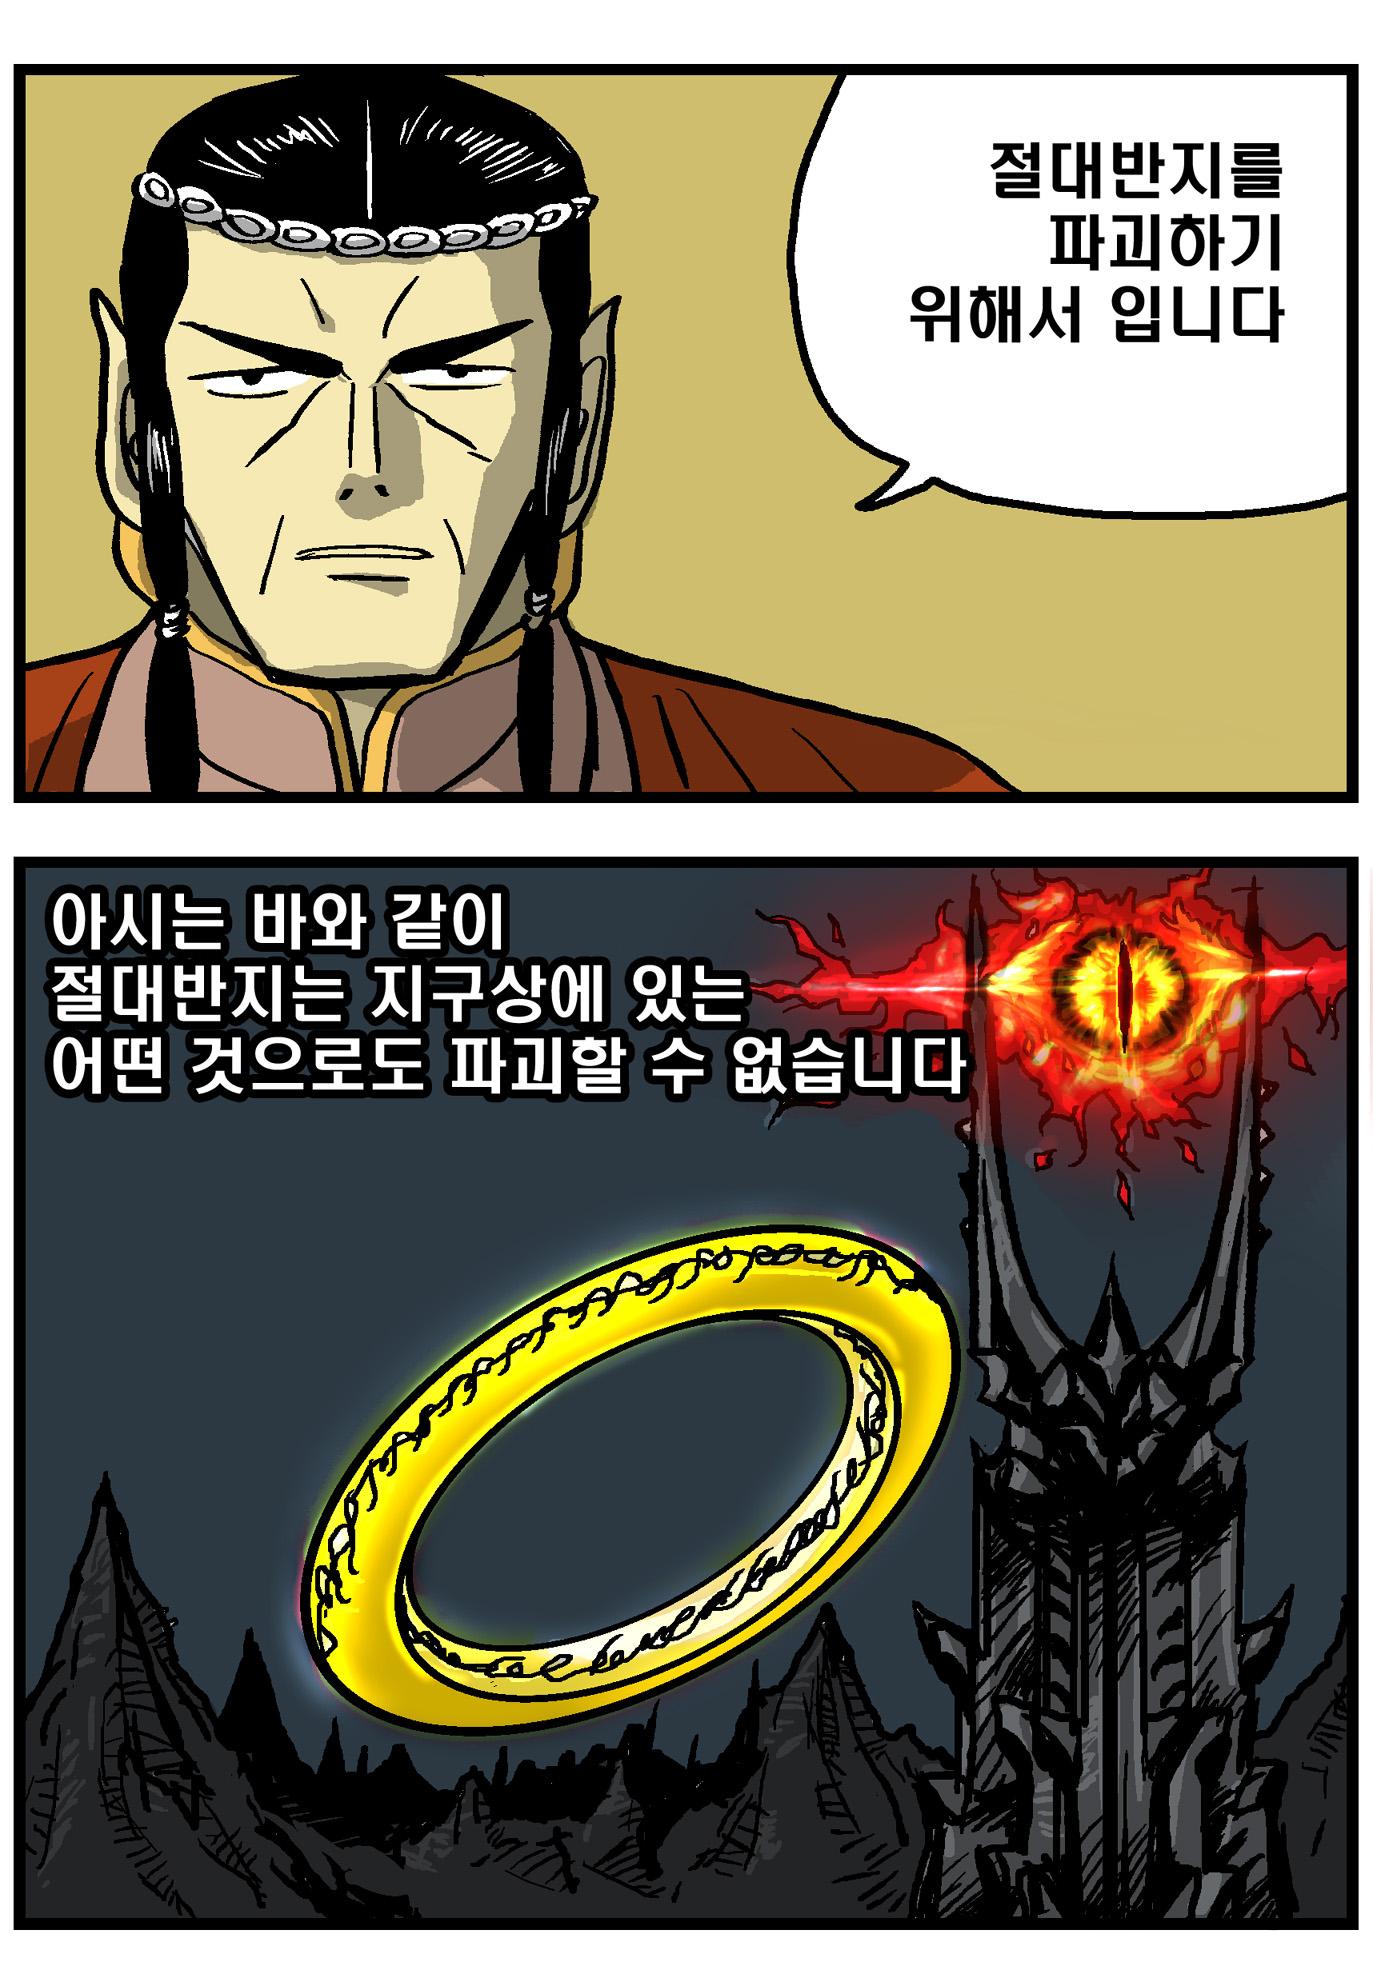 반지원정대_1